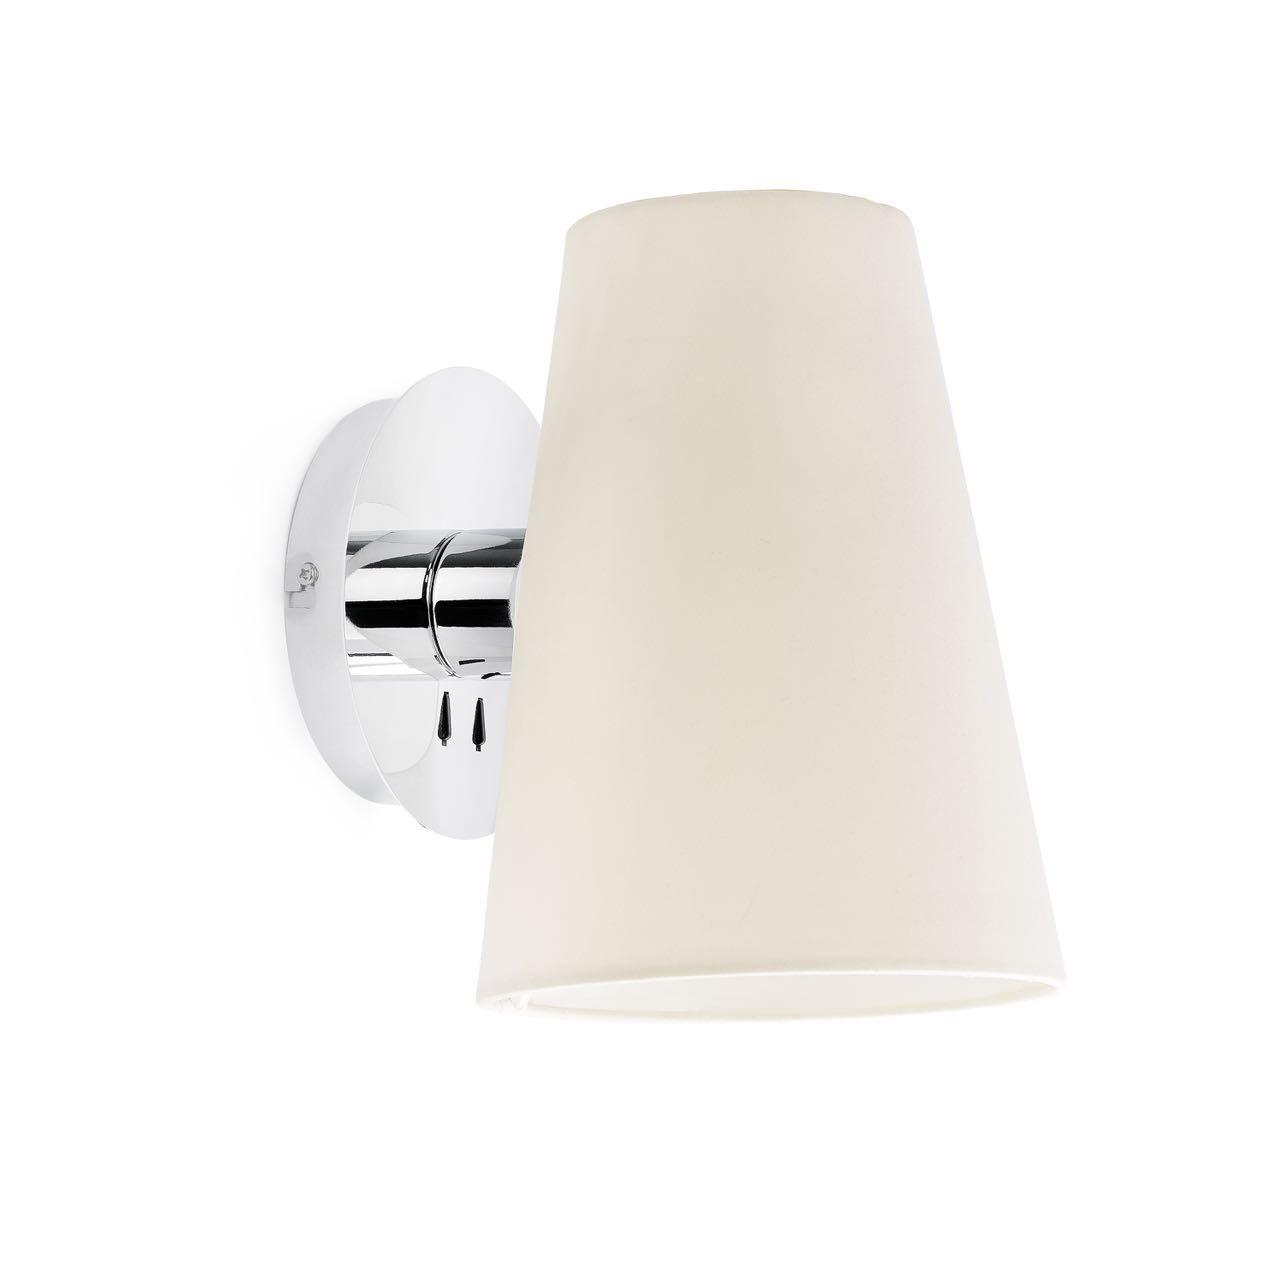 Aplique De Pared Con Interruptor Incorporado Decoracion Iluminacion Diseño Lamparasinterior Apliq Ventiladores De Techo Lámpara De Pared Apliques De Pared